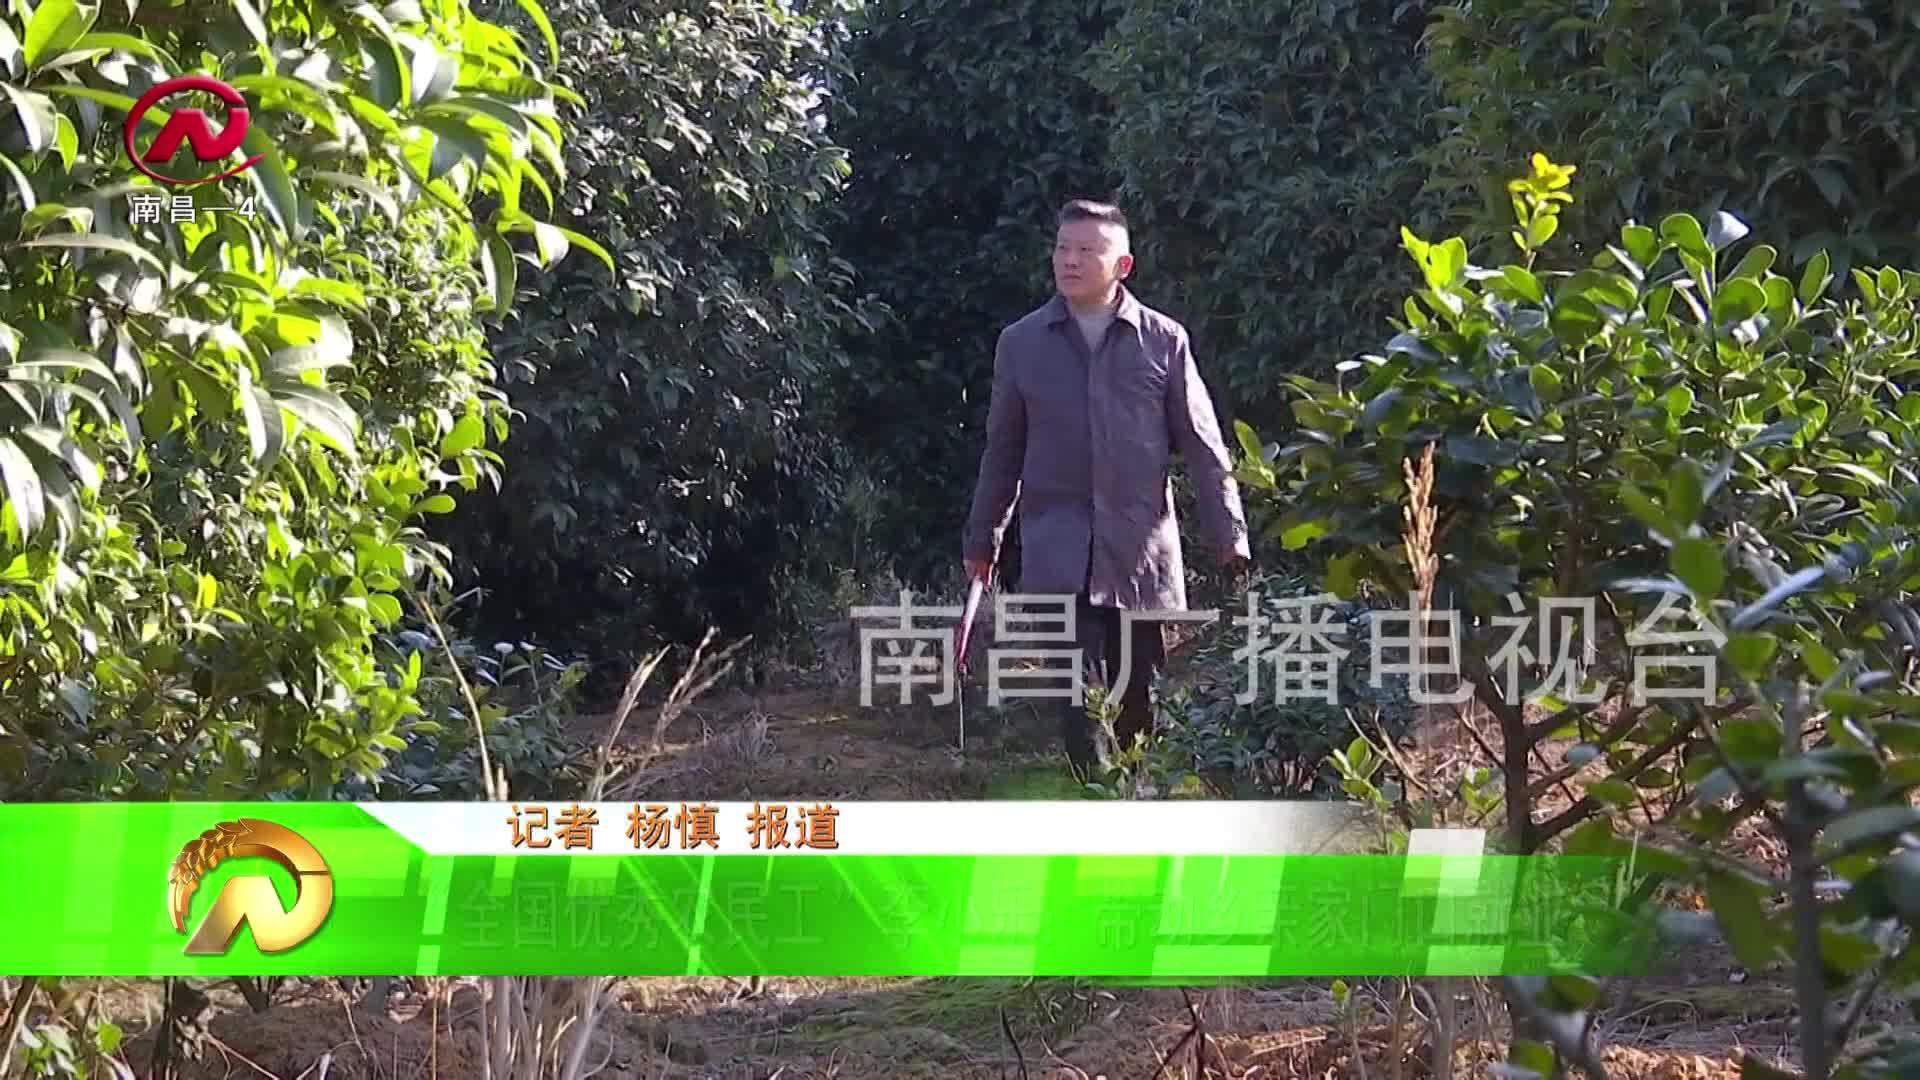 【豫章农视】全国优秀农民工李小乐:带动乡亲家门口就业